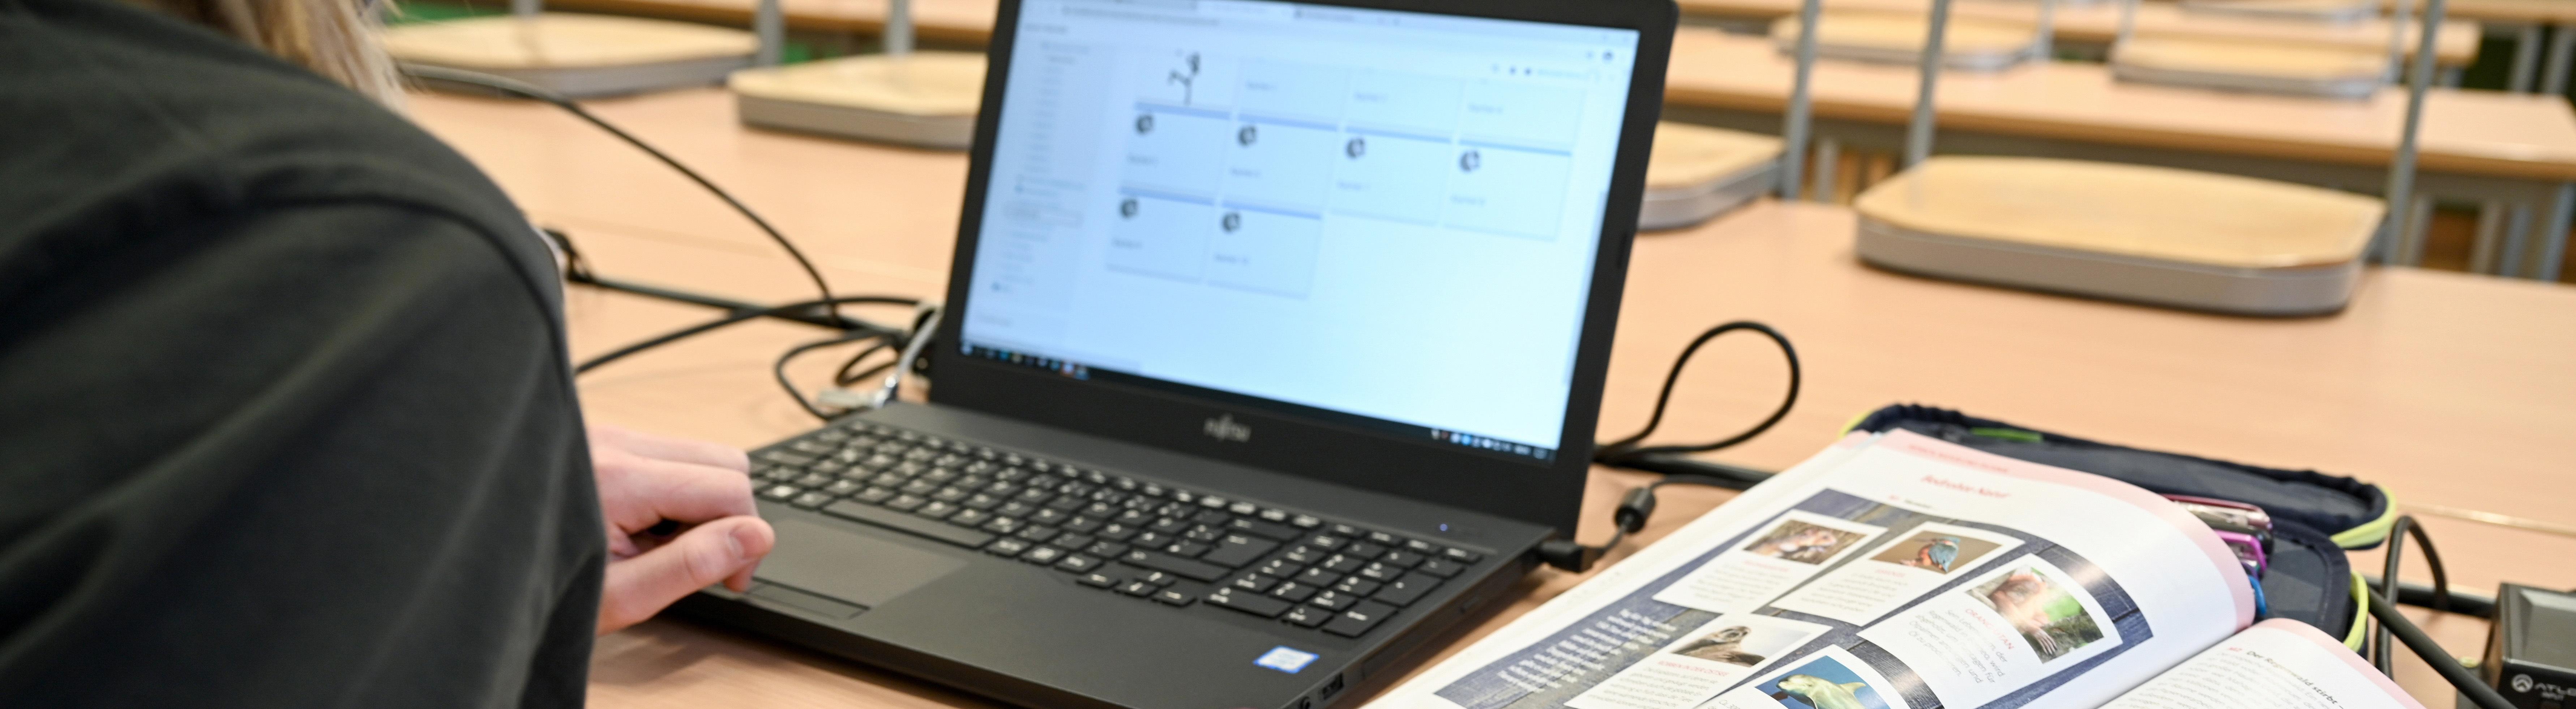 Schülerin mit Laptop in einem leeren Klassenzimmer